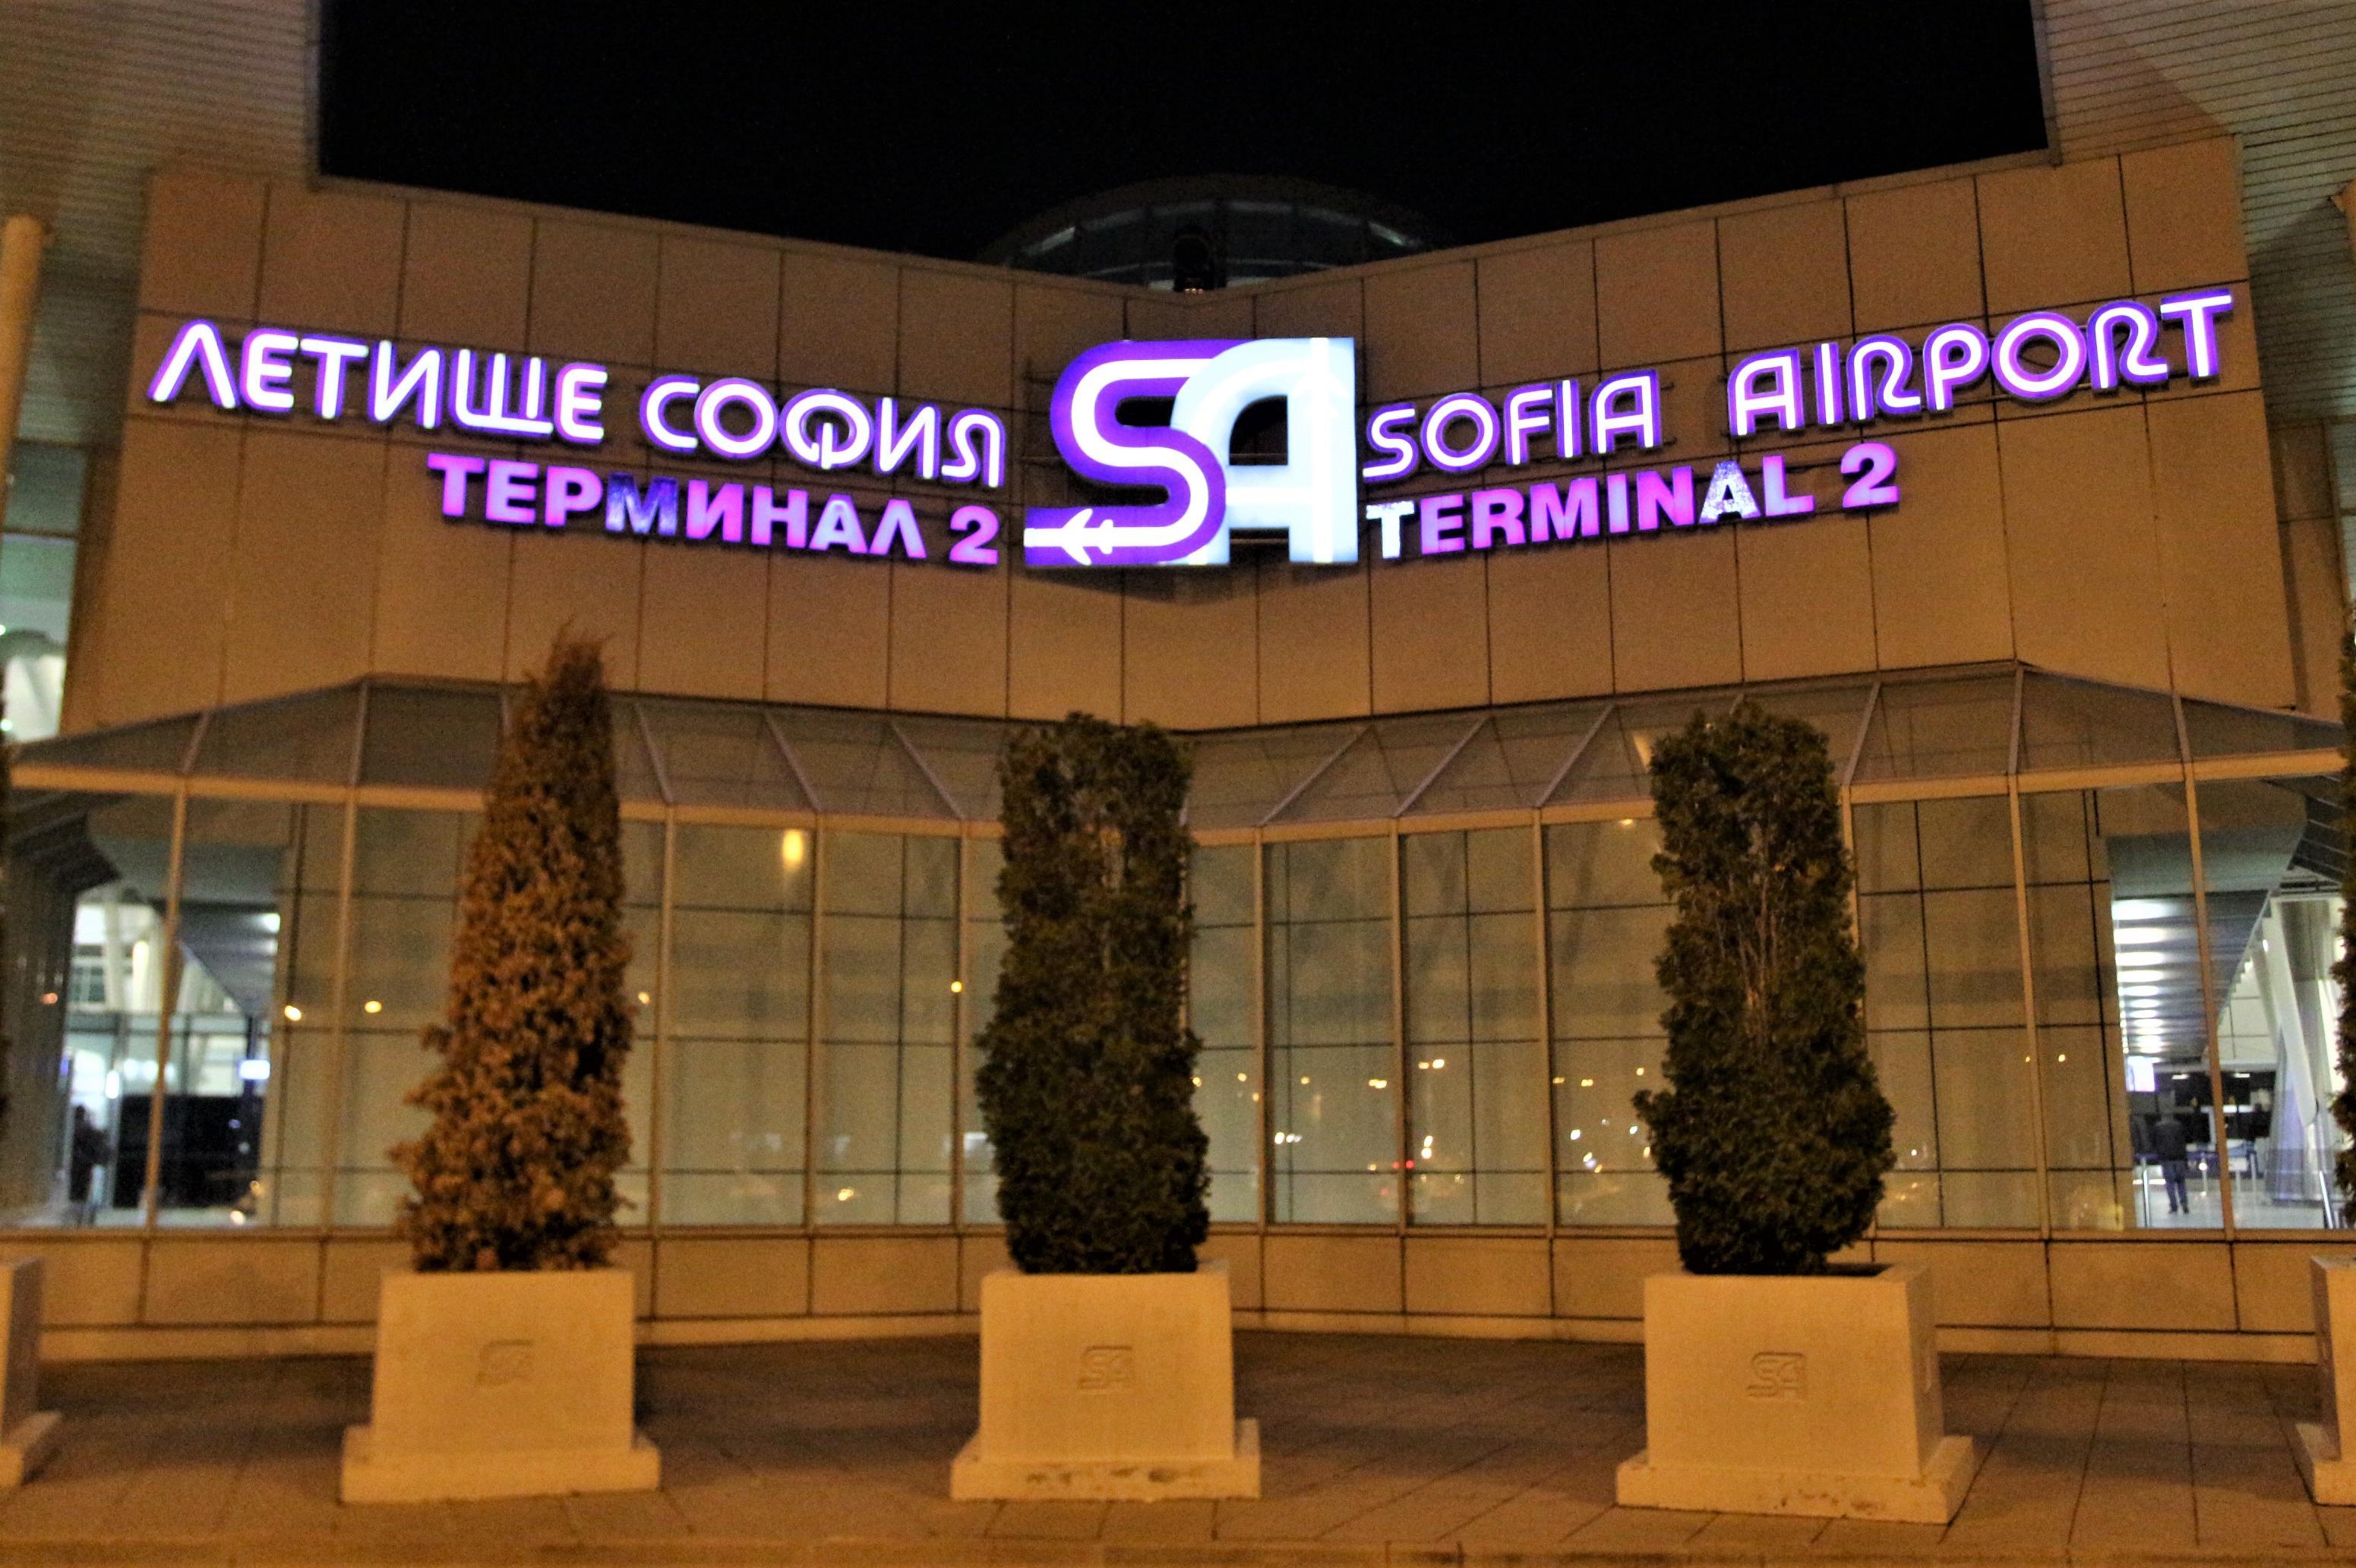 Новините в София: Най-важното за деня 30 април 2021 г.